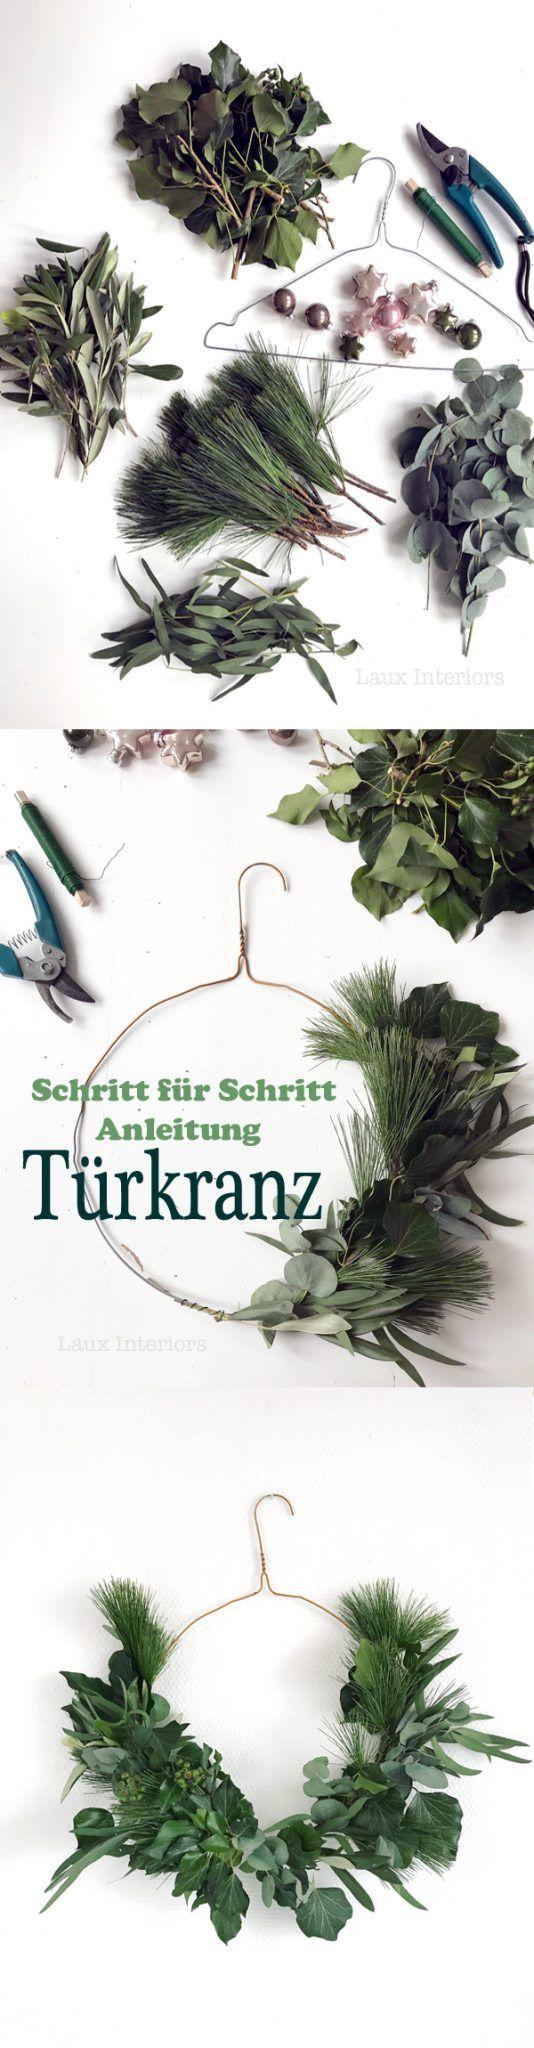 wreaths for front door, DIY, wire hanger, Christmas, natural, eucalyptus | Kranz, Türkranz, Weihnachten, selber machen, natürlich, Kleiderbügel, Eukalyptus